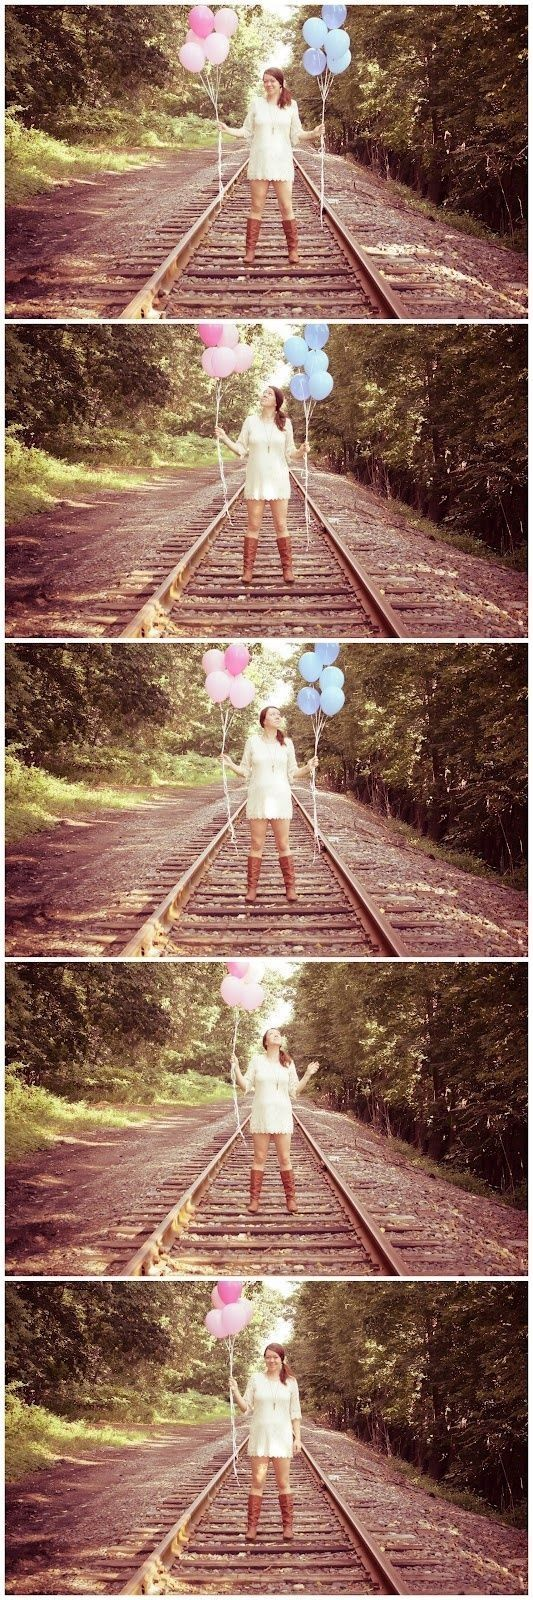 Lâcher de ballons roses ou bleus ... ou les deux??